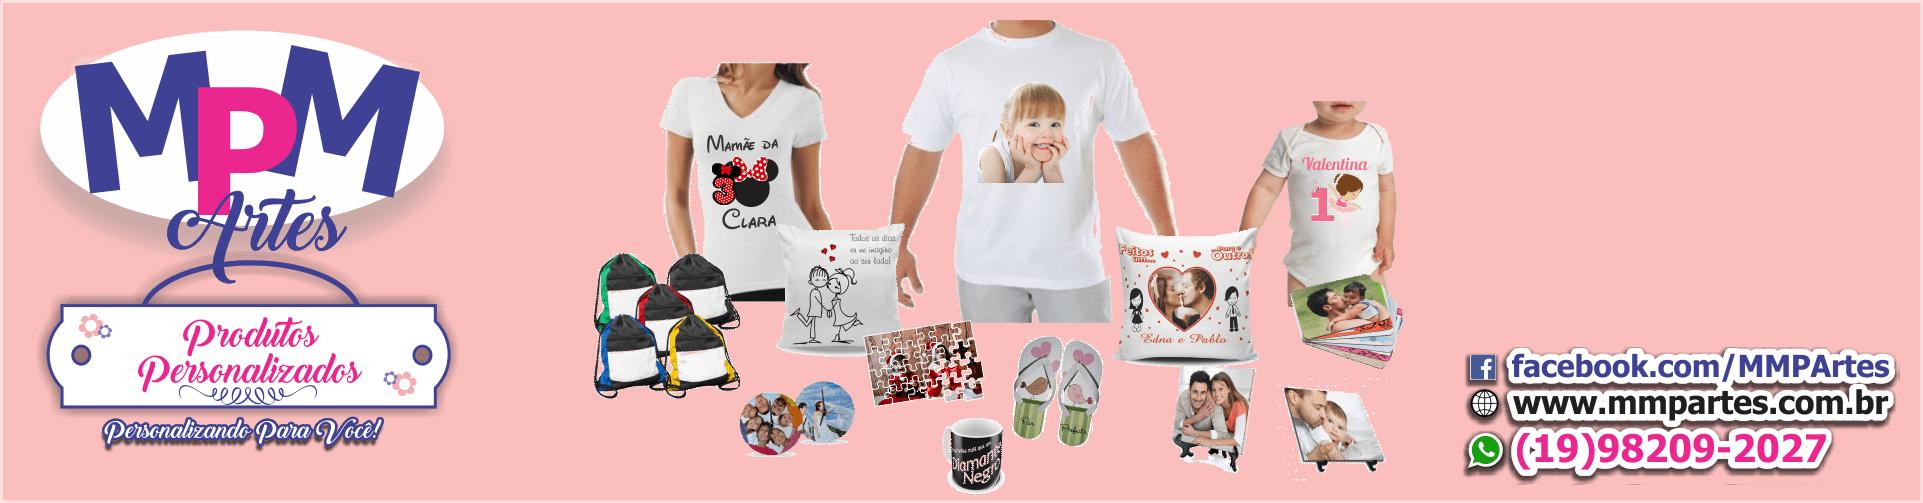 ae921e427d9e8 MMP Artes Camisetas e Produtos personalizados